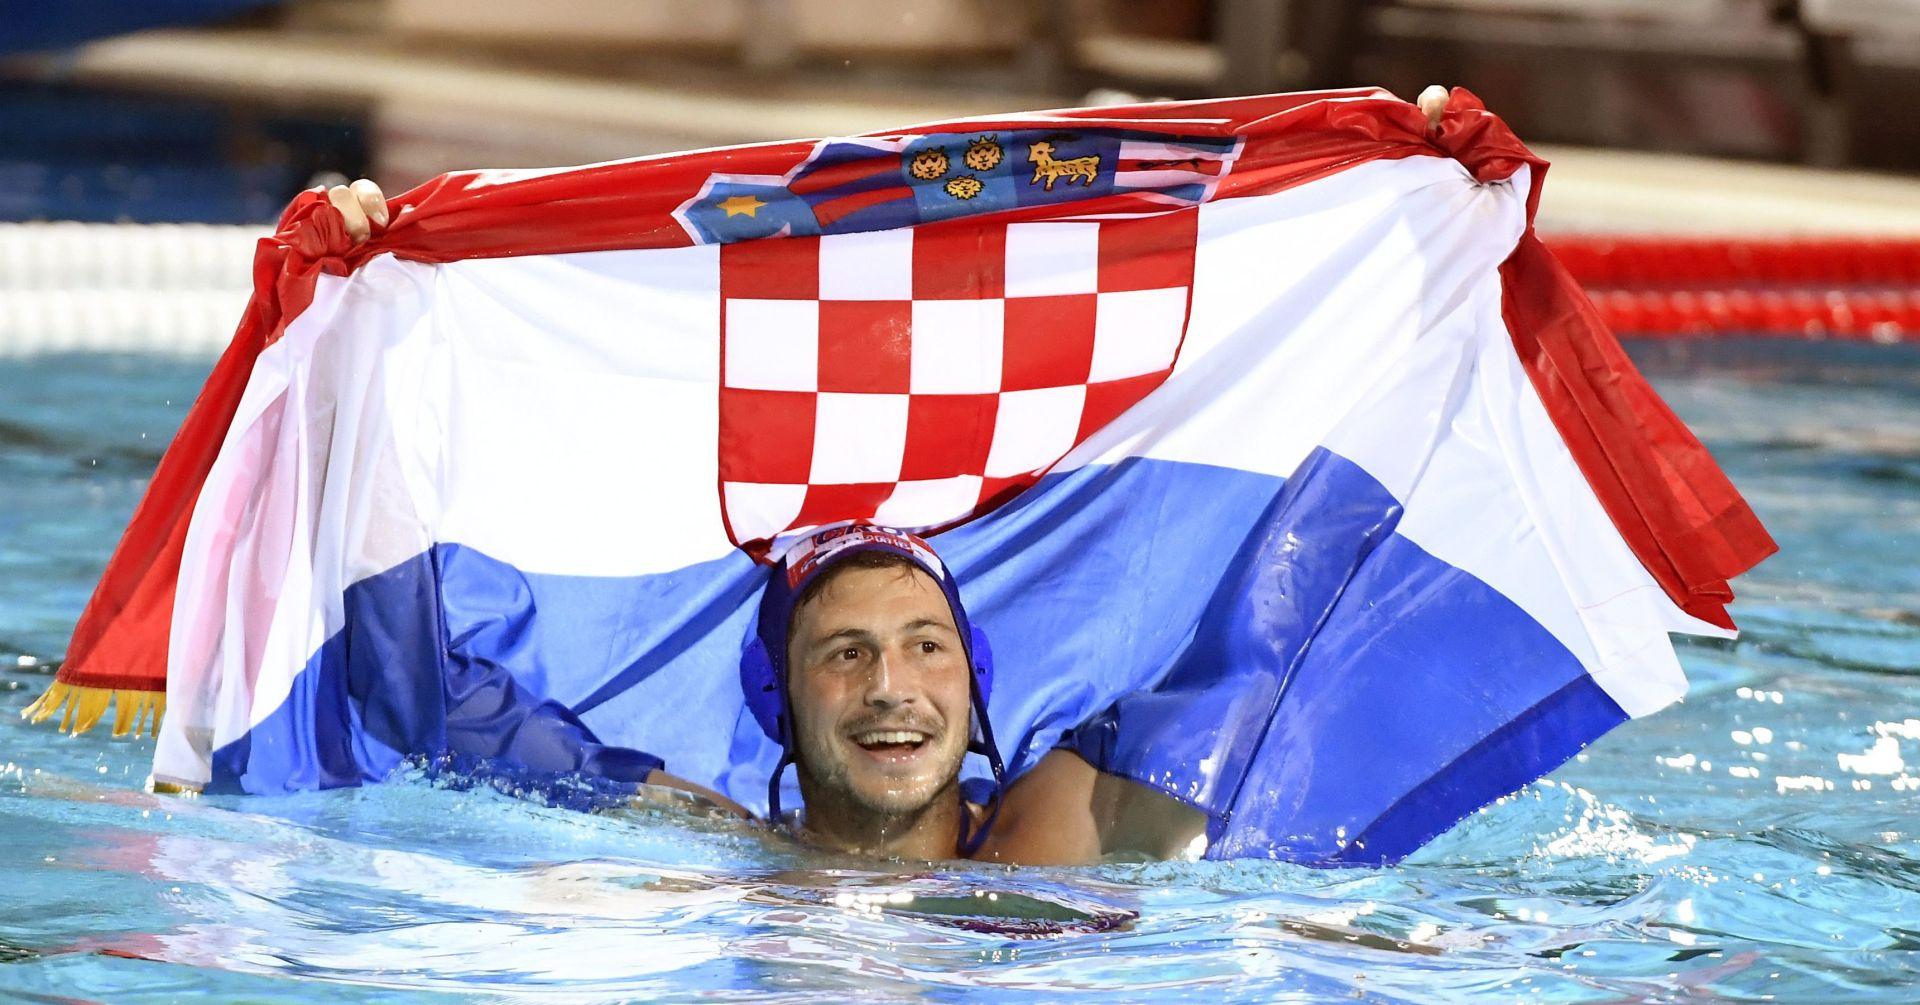 FOTO: STIŽU ČESTITKE IZ NOGOMETNOG SVIJETA Rijeka, Dinamo i Hajduk čestitali zlatnim vaterpolistima